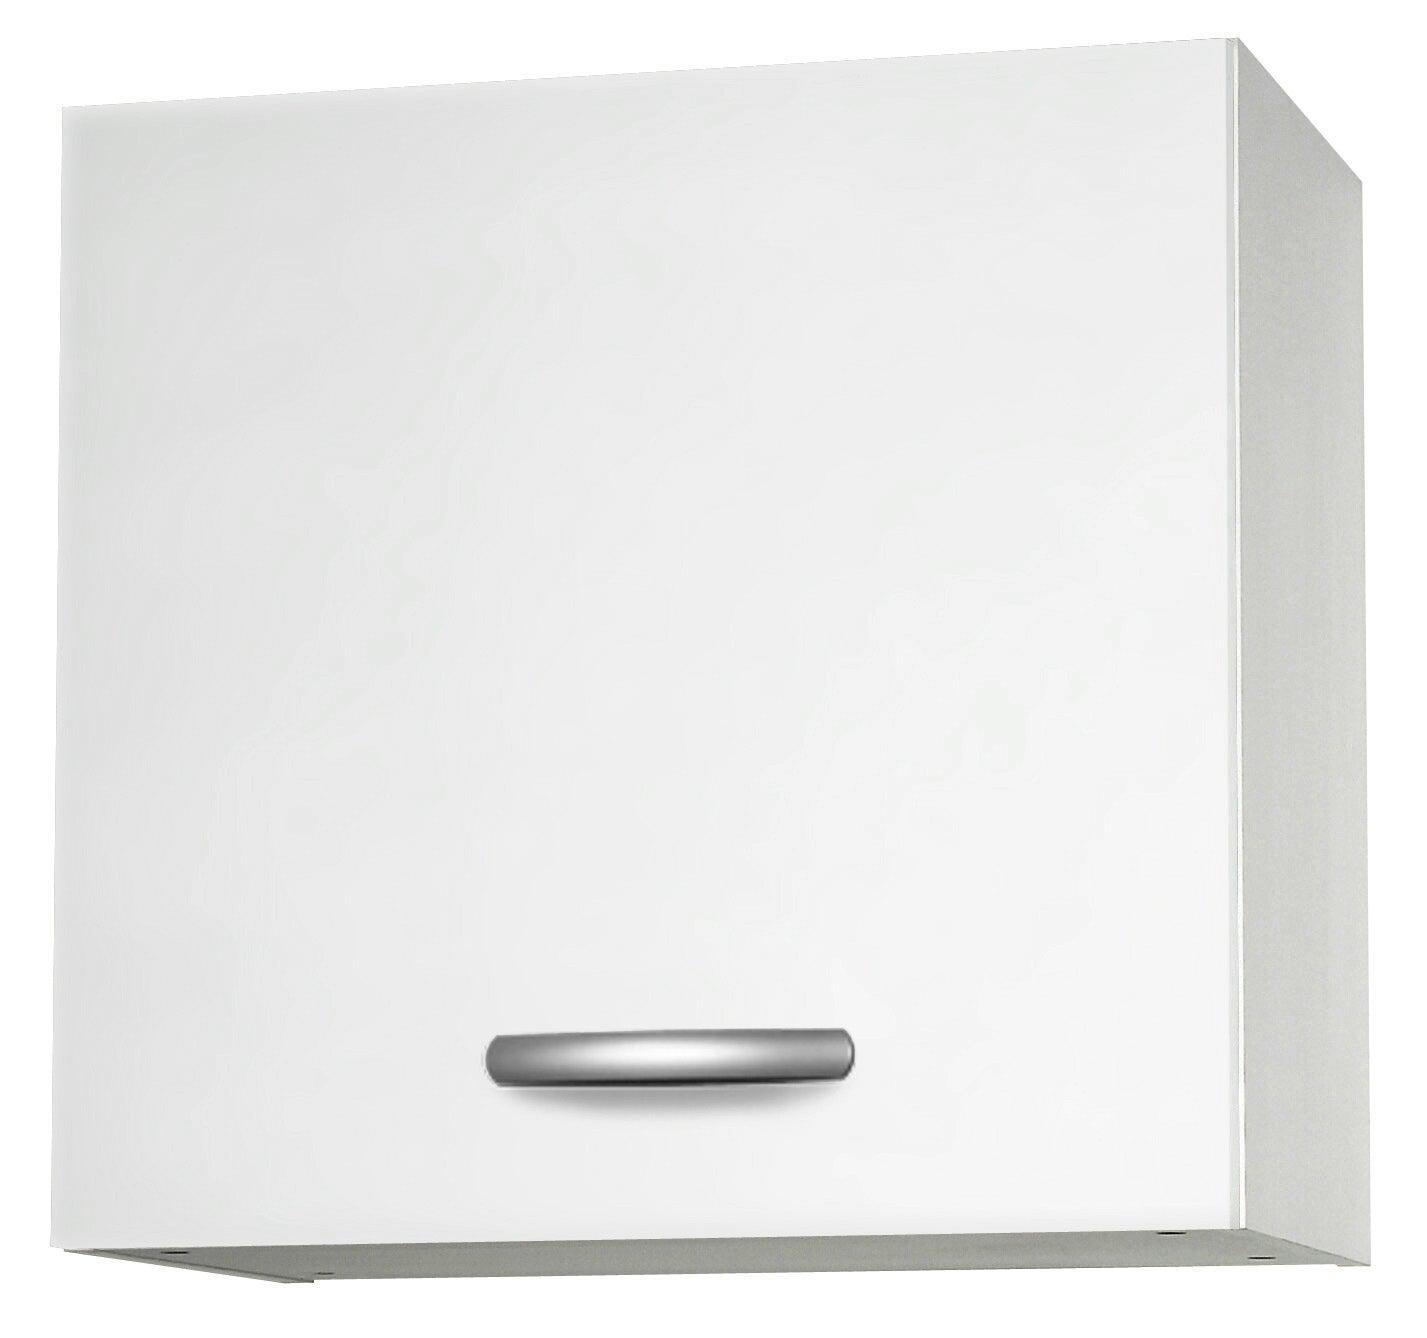 Meuble de cuisine haut 13 porte, blanc, h13.13x l13x p13.13cm